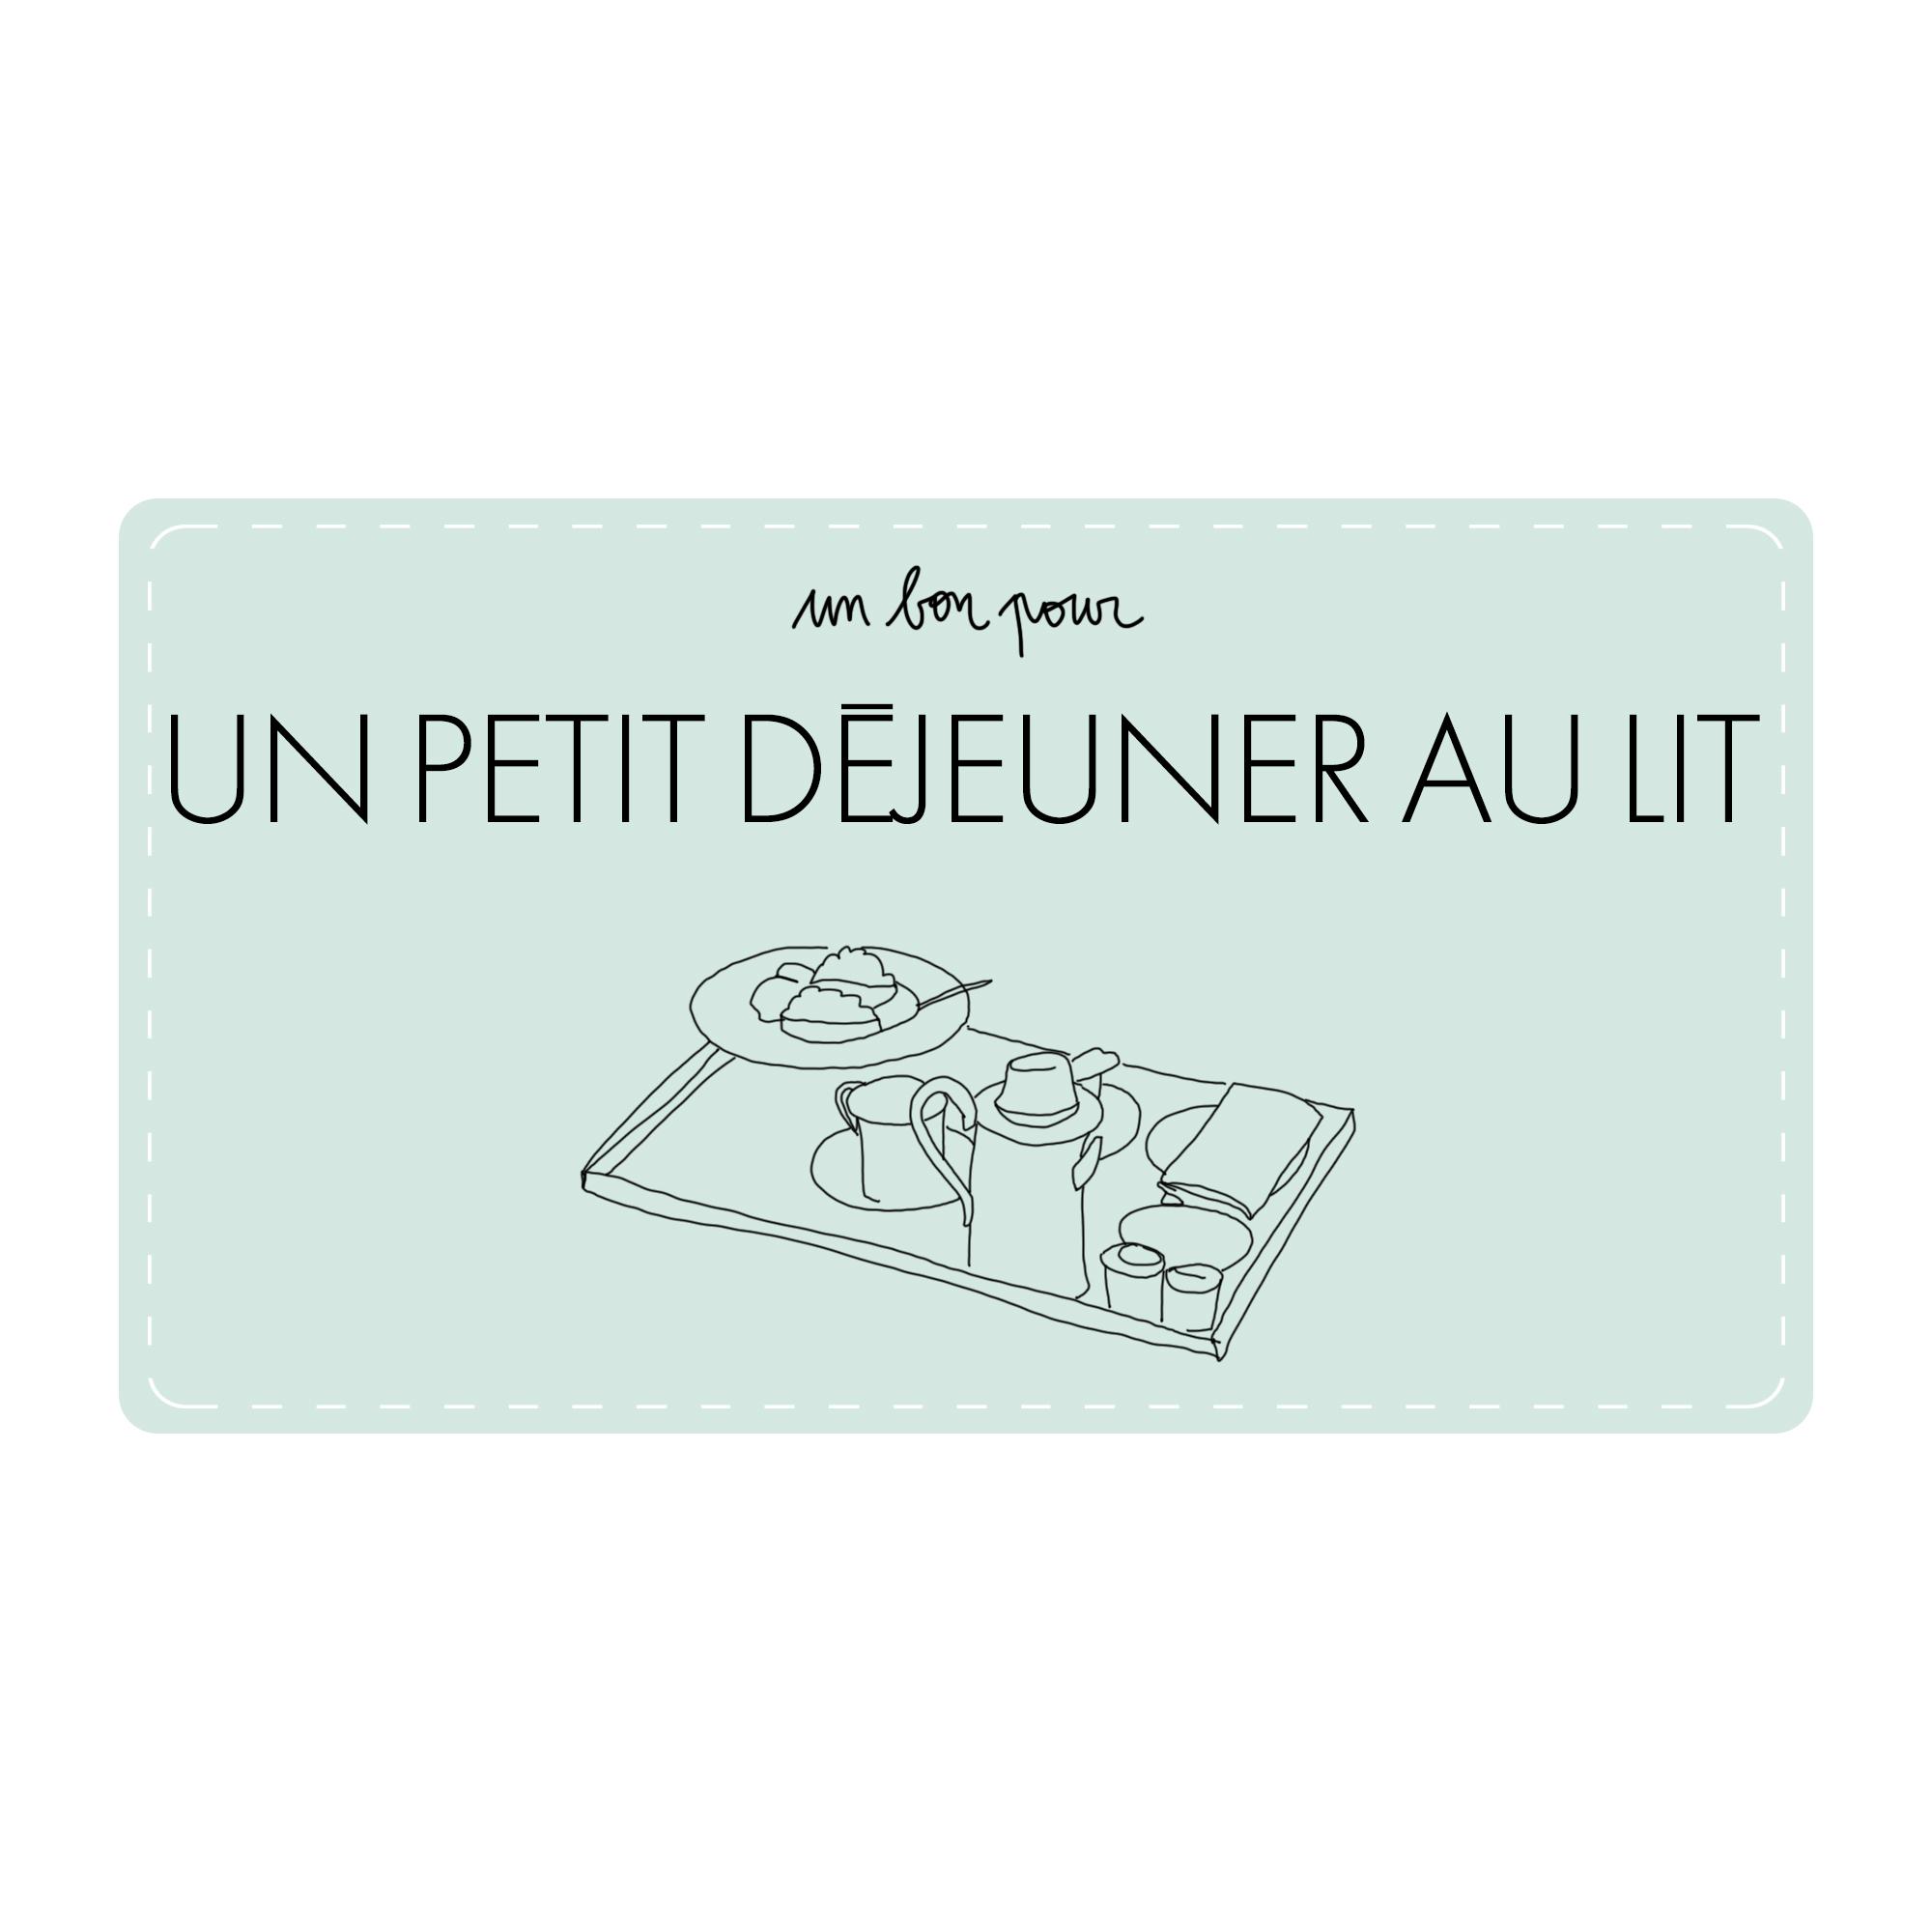 un petit d jeuner au lit vite un cadeau de derni re minute elle. Black Bedroom Furniture Sets. Home Design Ideas